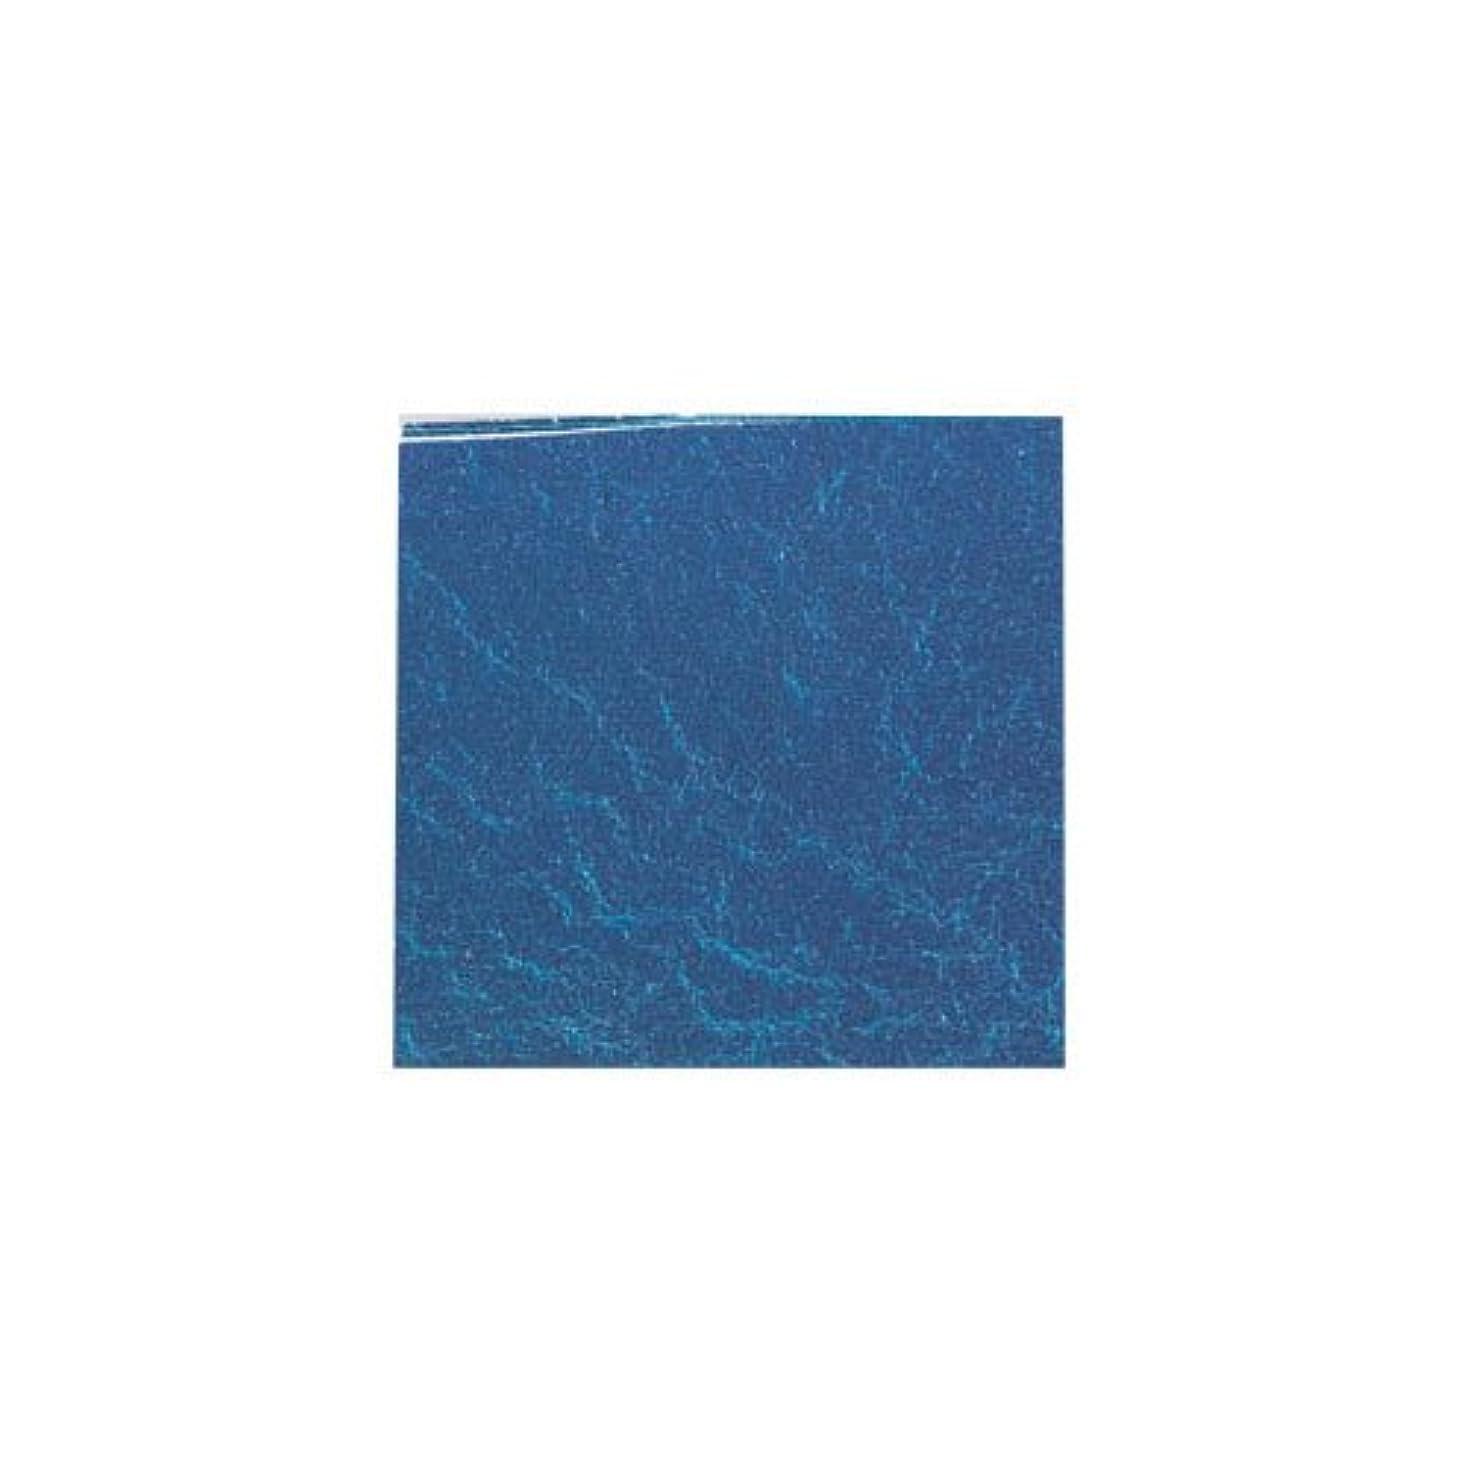 汚れる広範囲に九時四十五分ピカエース ネイル用パウダー カラー純銀箔 #613 藍色 3.5㎜角×5枚